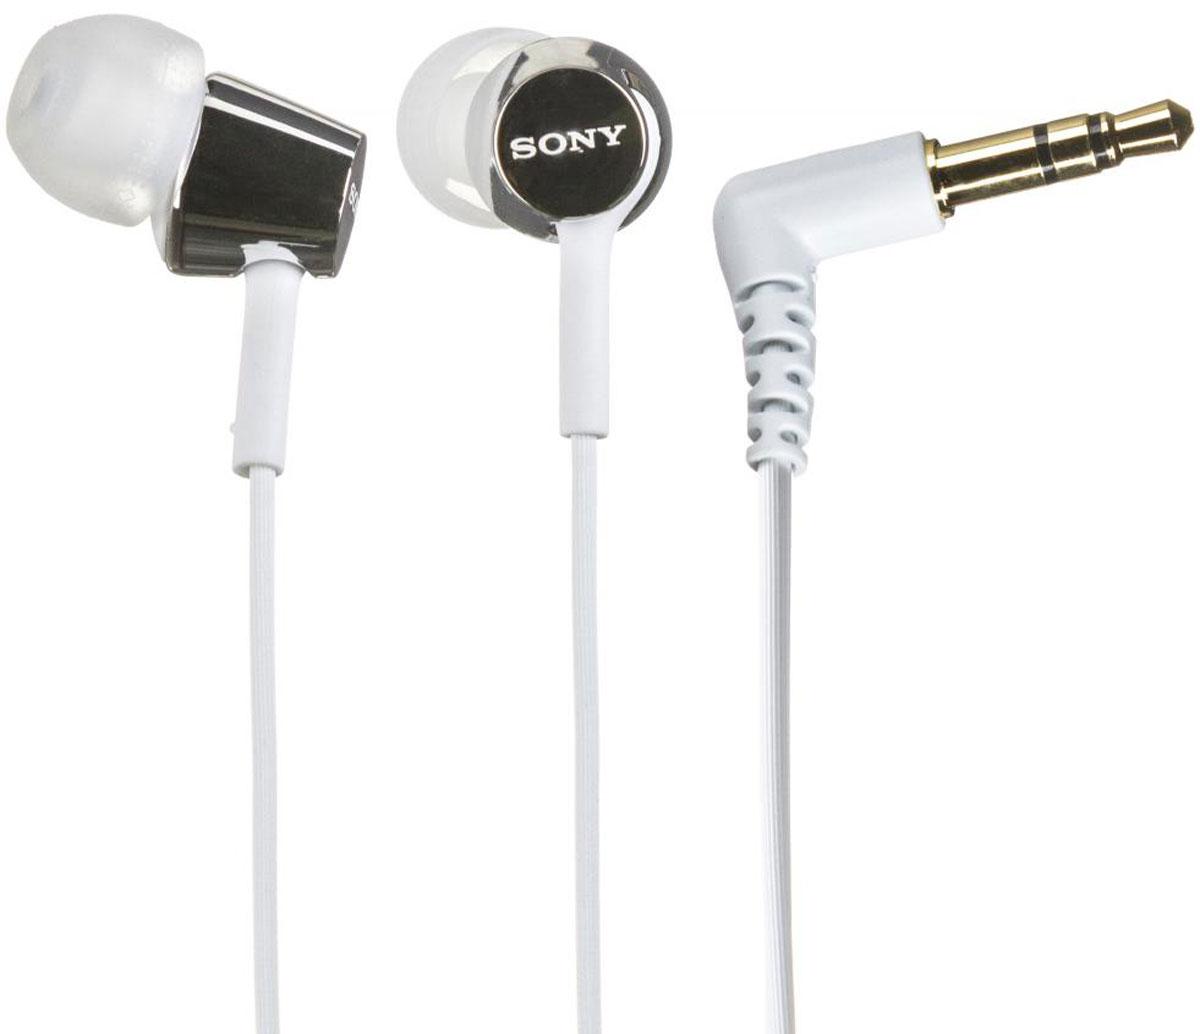 Sony MDR-EX150, White наушникиMDR-EX150 белыйНаушники-вкладыши Sony MDR-EX150 предлагаются в десяти ярких цветовых решениях, что позволит вам подобрать пару наушников под свой индивидуальный стиль. Динамики с неодимовыми магнитами и с диаметром диффузора 9 мм обеспечивают яркое энергичное звучание музыки, а диапазон воспроизводимых частот от 5 Гц до 24 кГц идеально подойдет для популярных стилей музыки.